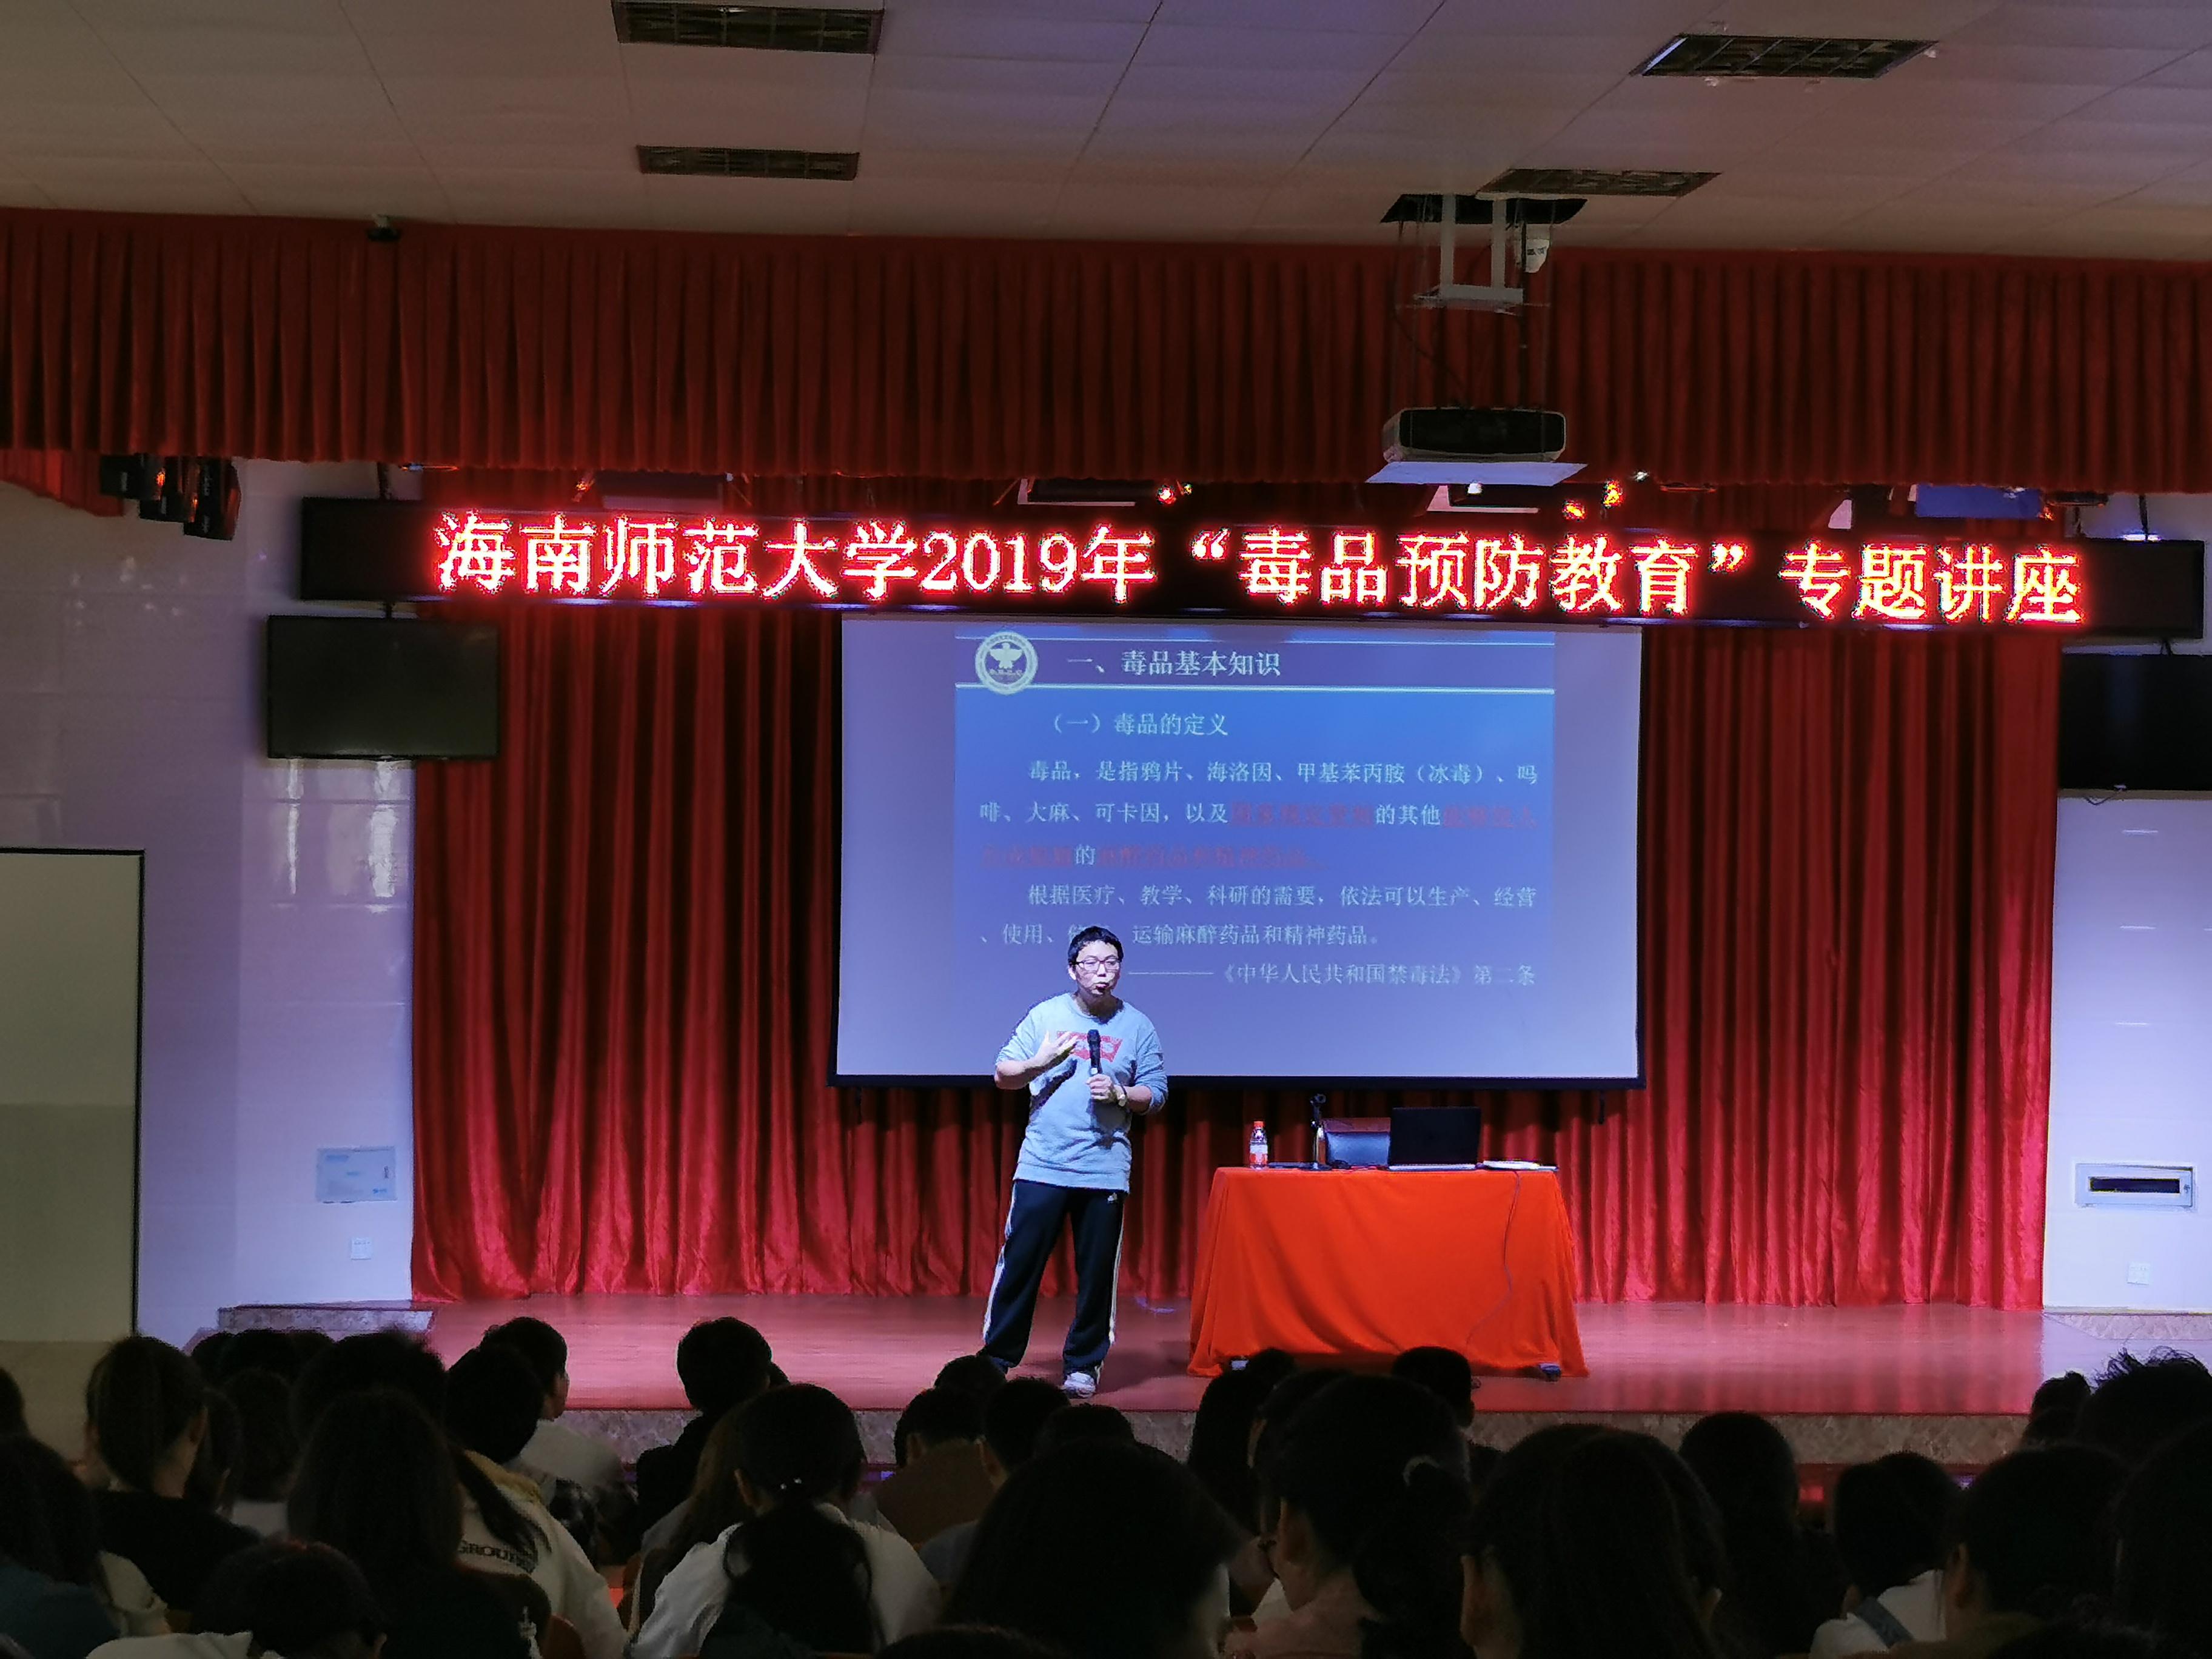 时时彩苹果版注册举办毒品预防教育专题讲座